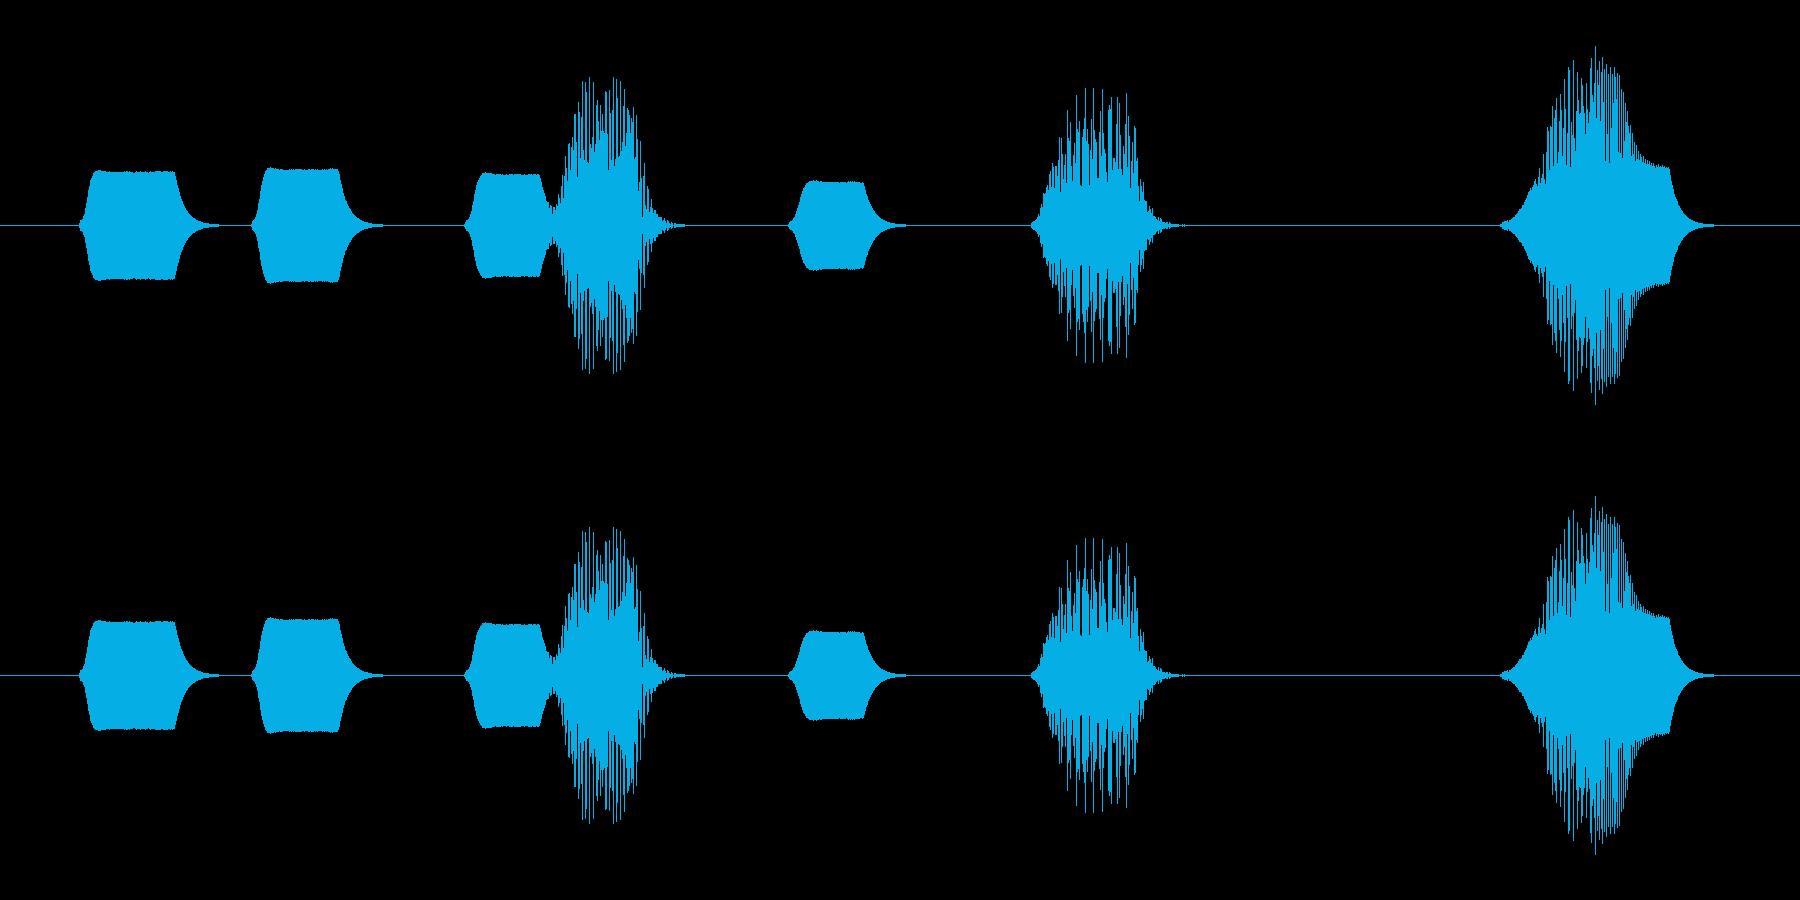 コミカルな オチ 締めくくり①の再生済みの波形